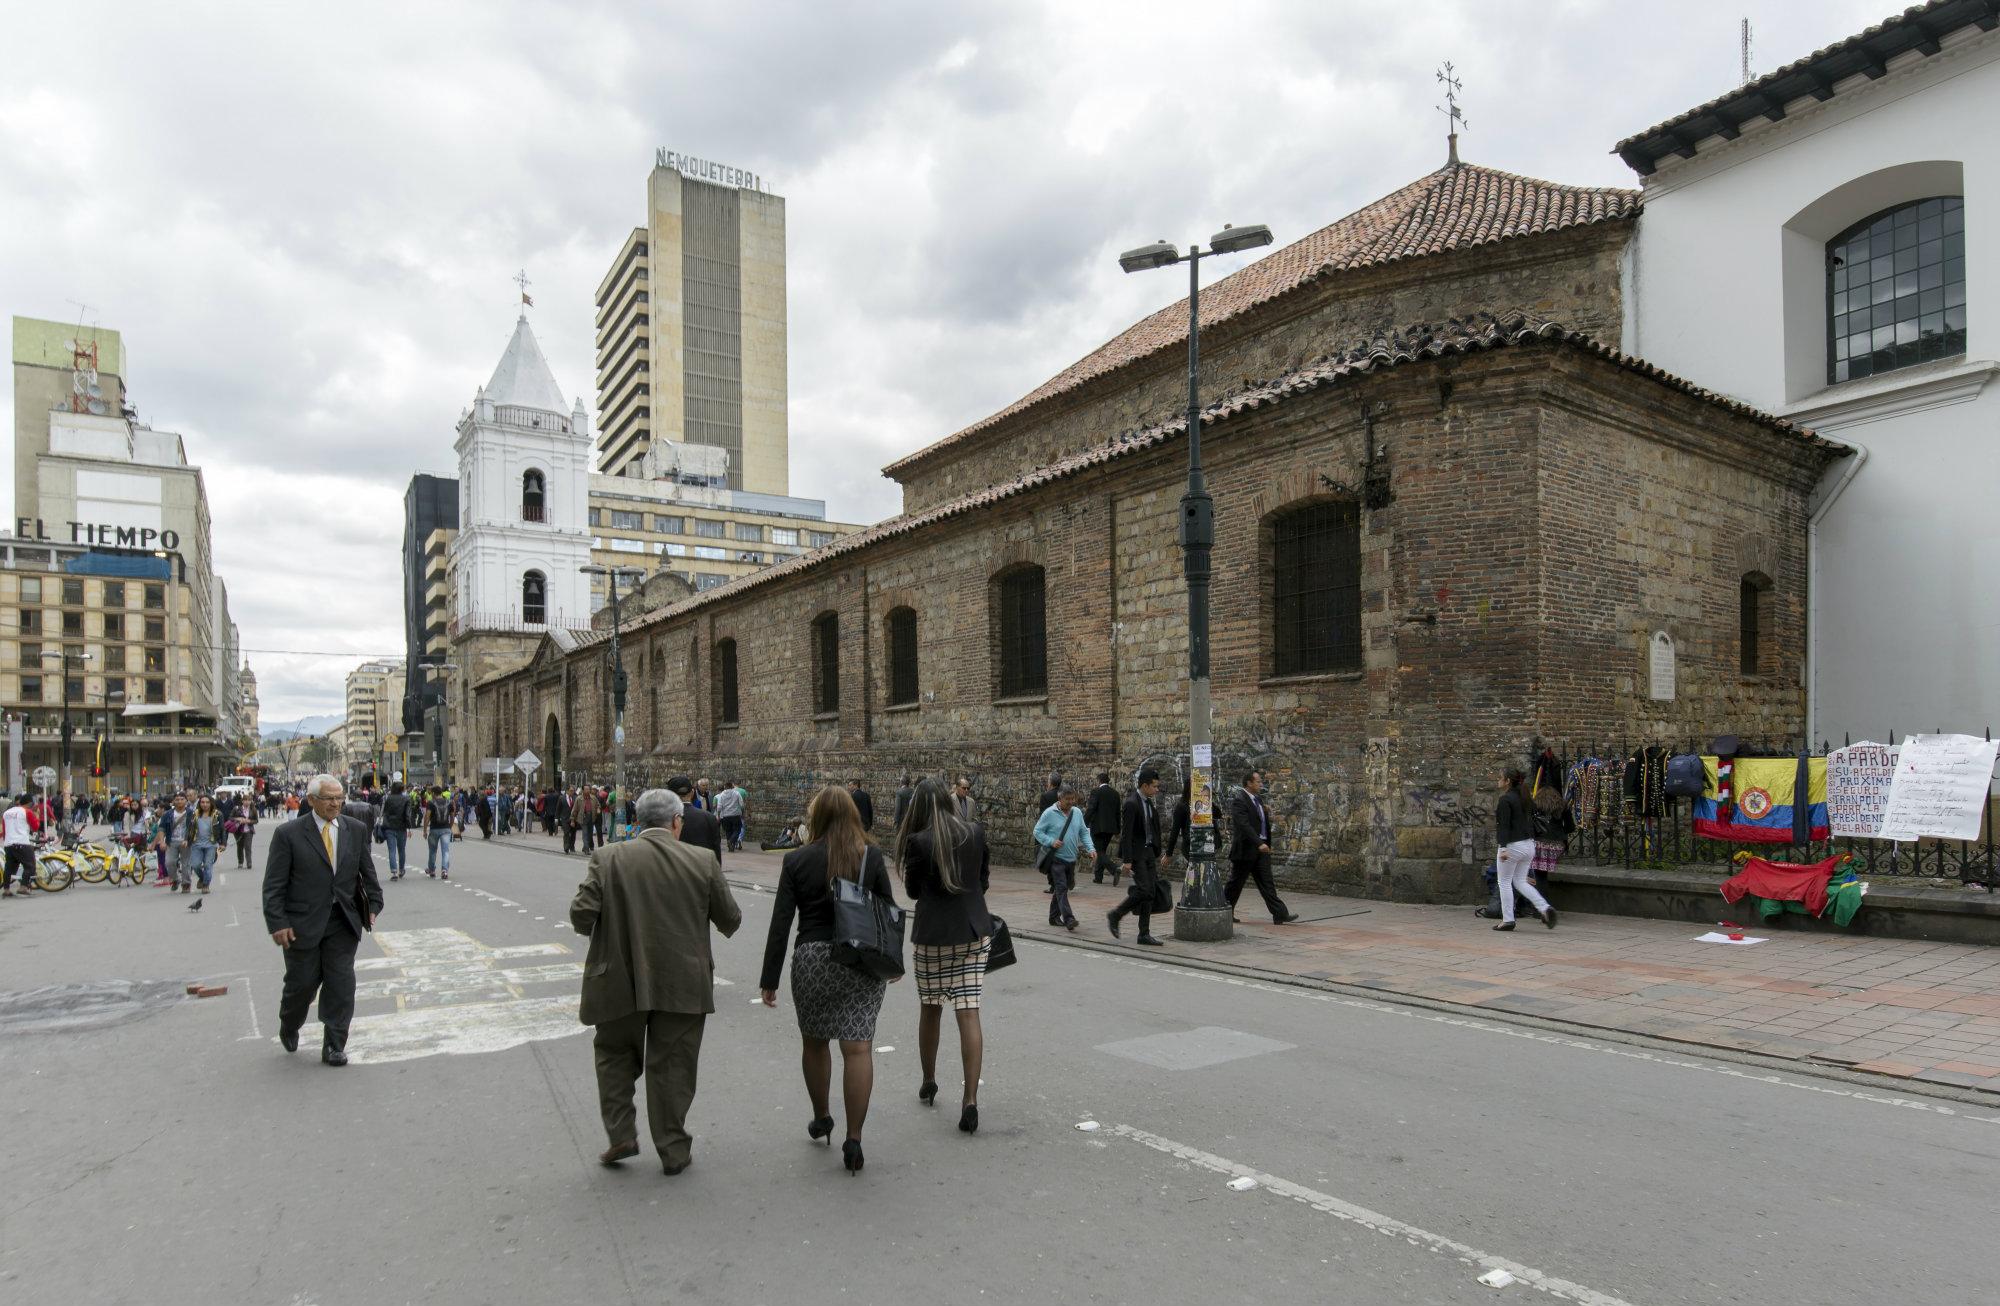 10. La Iglesia de San Francisco en Bogotá, se construyó entre 1557 y 1595 en un terreno donado a los franciscanos, en la margen derecha del río Vicachá, luego llamado río San Francisco.